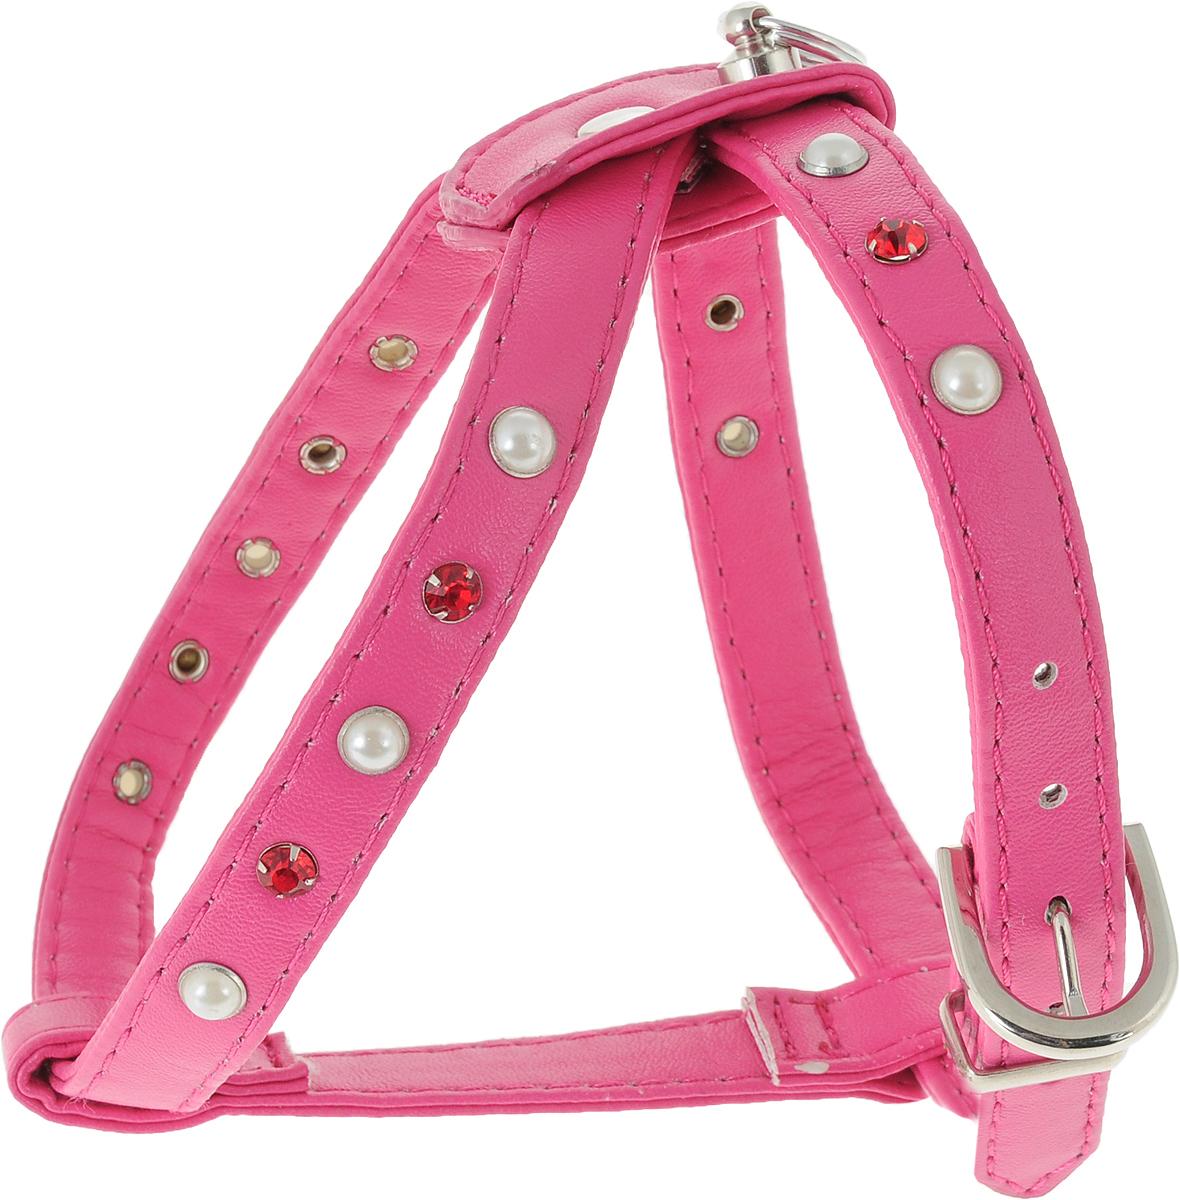 Шлейка для собак GLG, двойная, цвет: малиновый. Размер 2AM-DC043/AШлейка для собак GLG, изготовленная из искусственной кожи, подходит для собак малых и средних пород. Крепкие металлические элементы делают ее надежной и долговечной. Шлейка - это альтернатива ошейнику. Правильно подобранная шлейка не стесняет движения питомца, не натирает кожу, поэтому животное чувствует себя в ней уверенно и комфортно. Изделие отличается высоким качеством, удобством и универсальностью. Размер регулируется при помощи пряжек.Обхват шеи: 22 см. Обхват груди: 26-32 см.Ширина шлейки: 1,5 см.